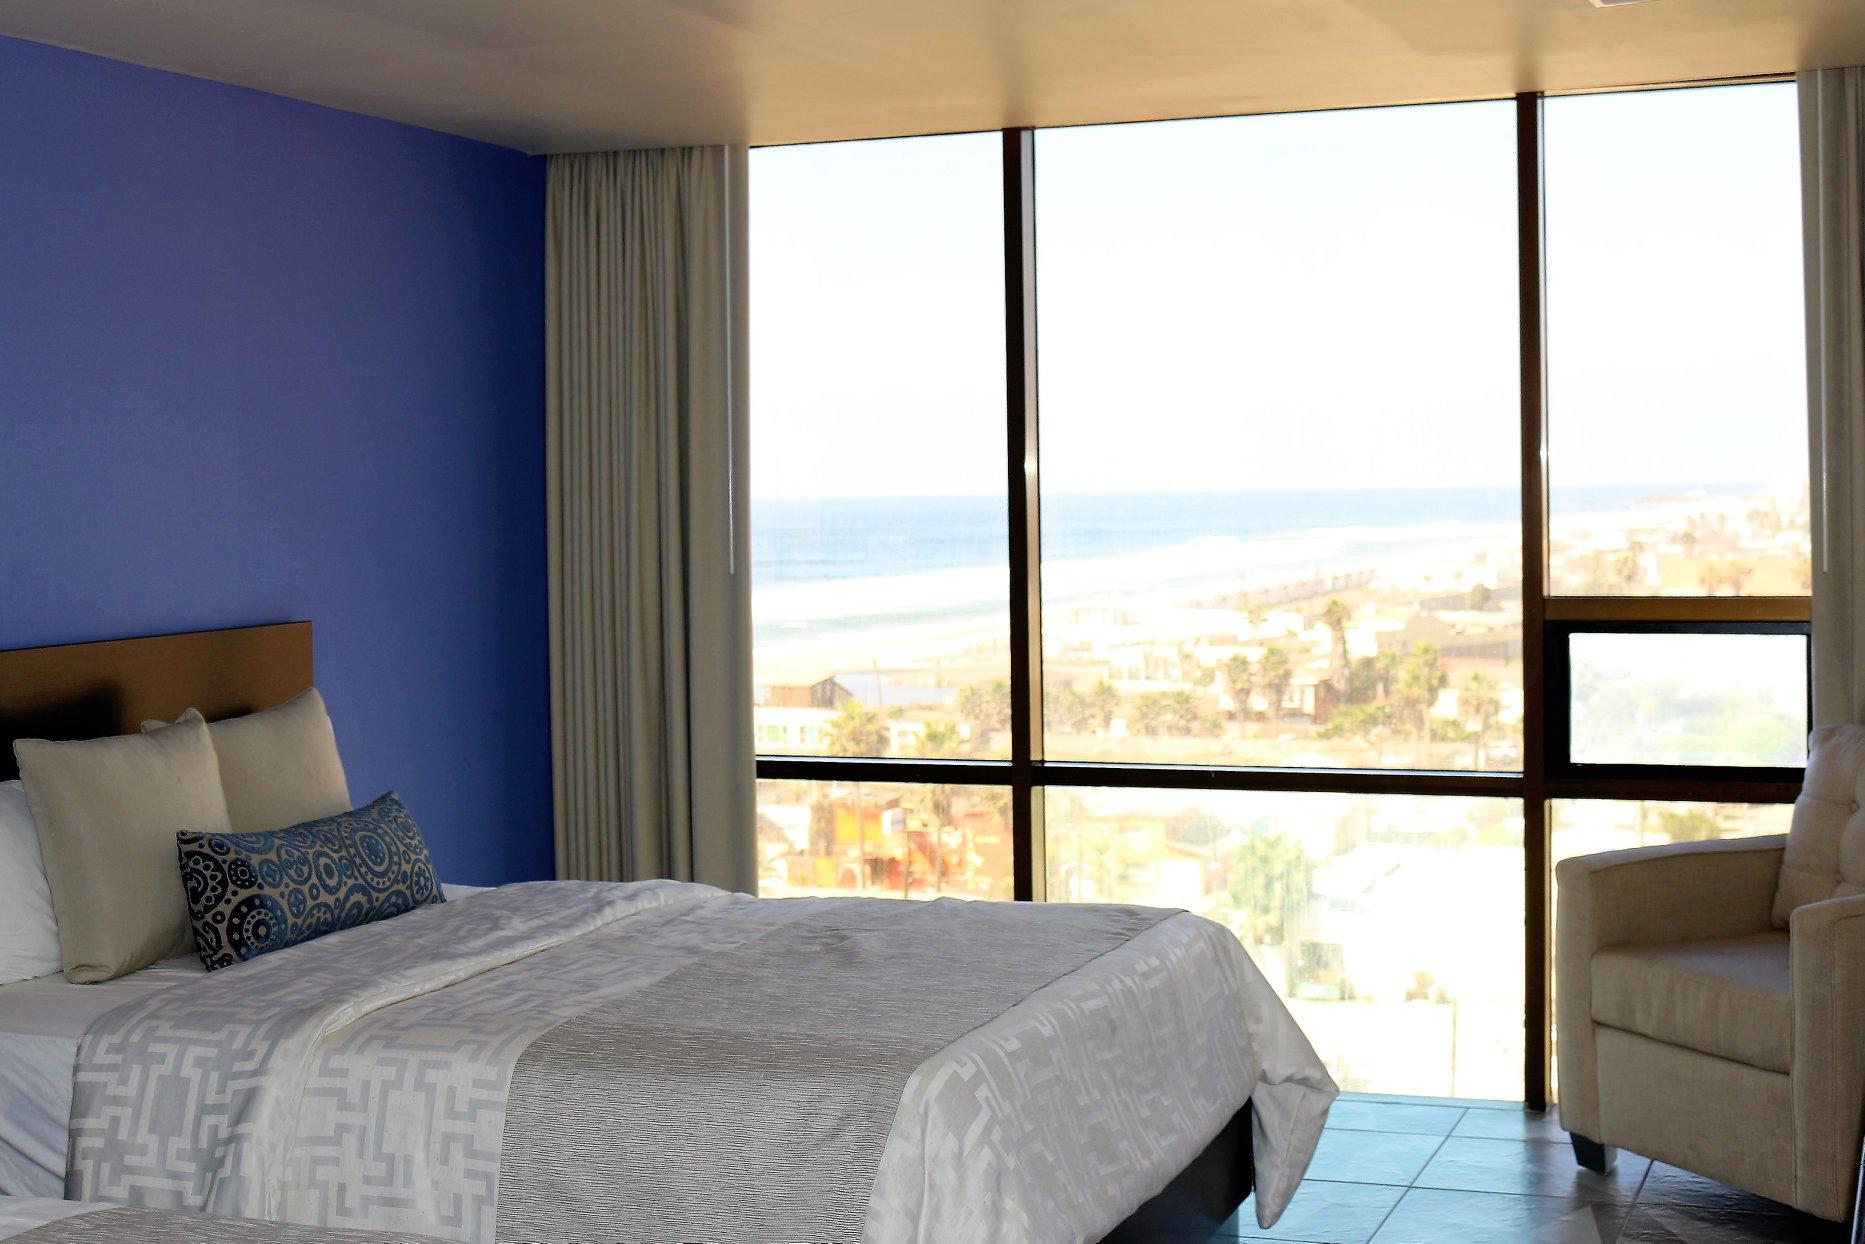 Hotel Corona en Rosarito habitacion con vista al mar